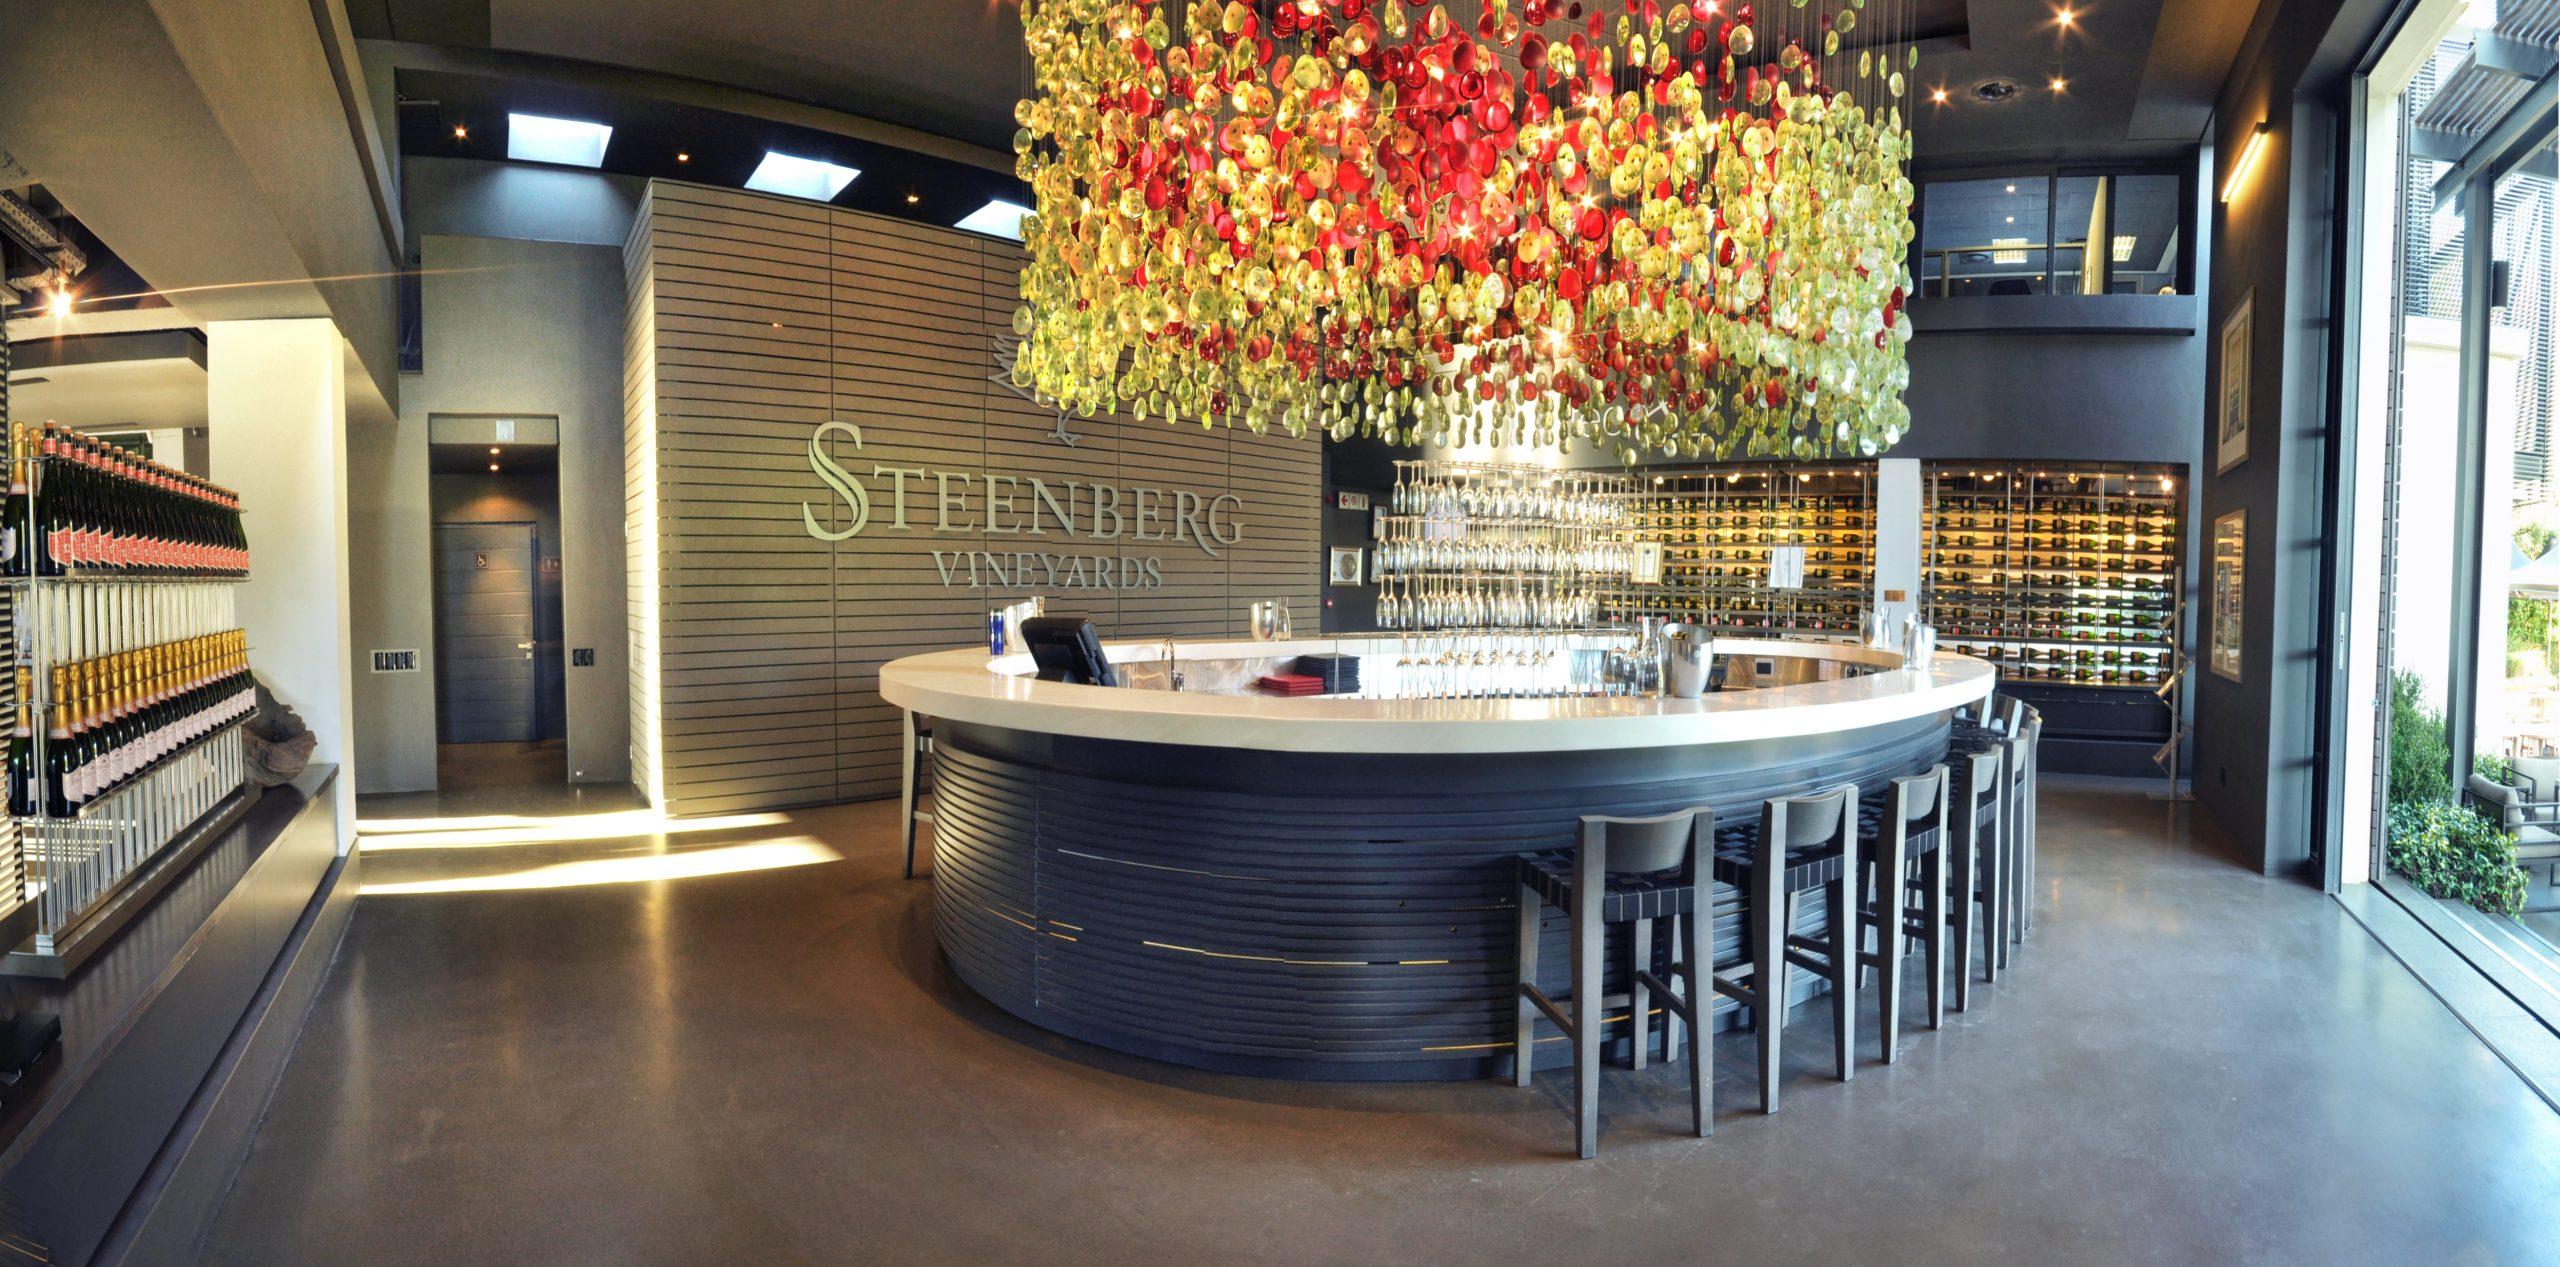 Steenberg Vineyards Tasting Room